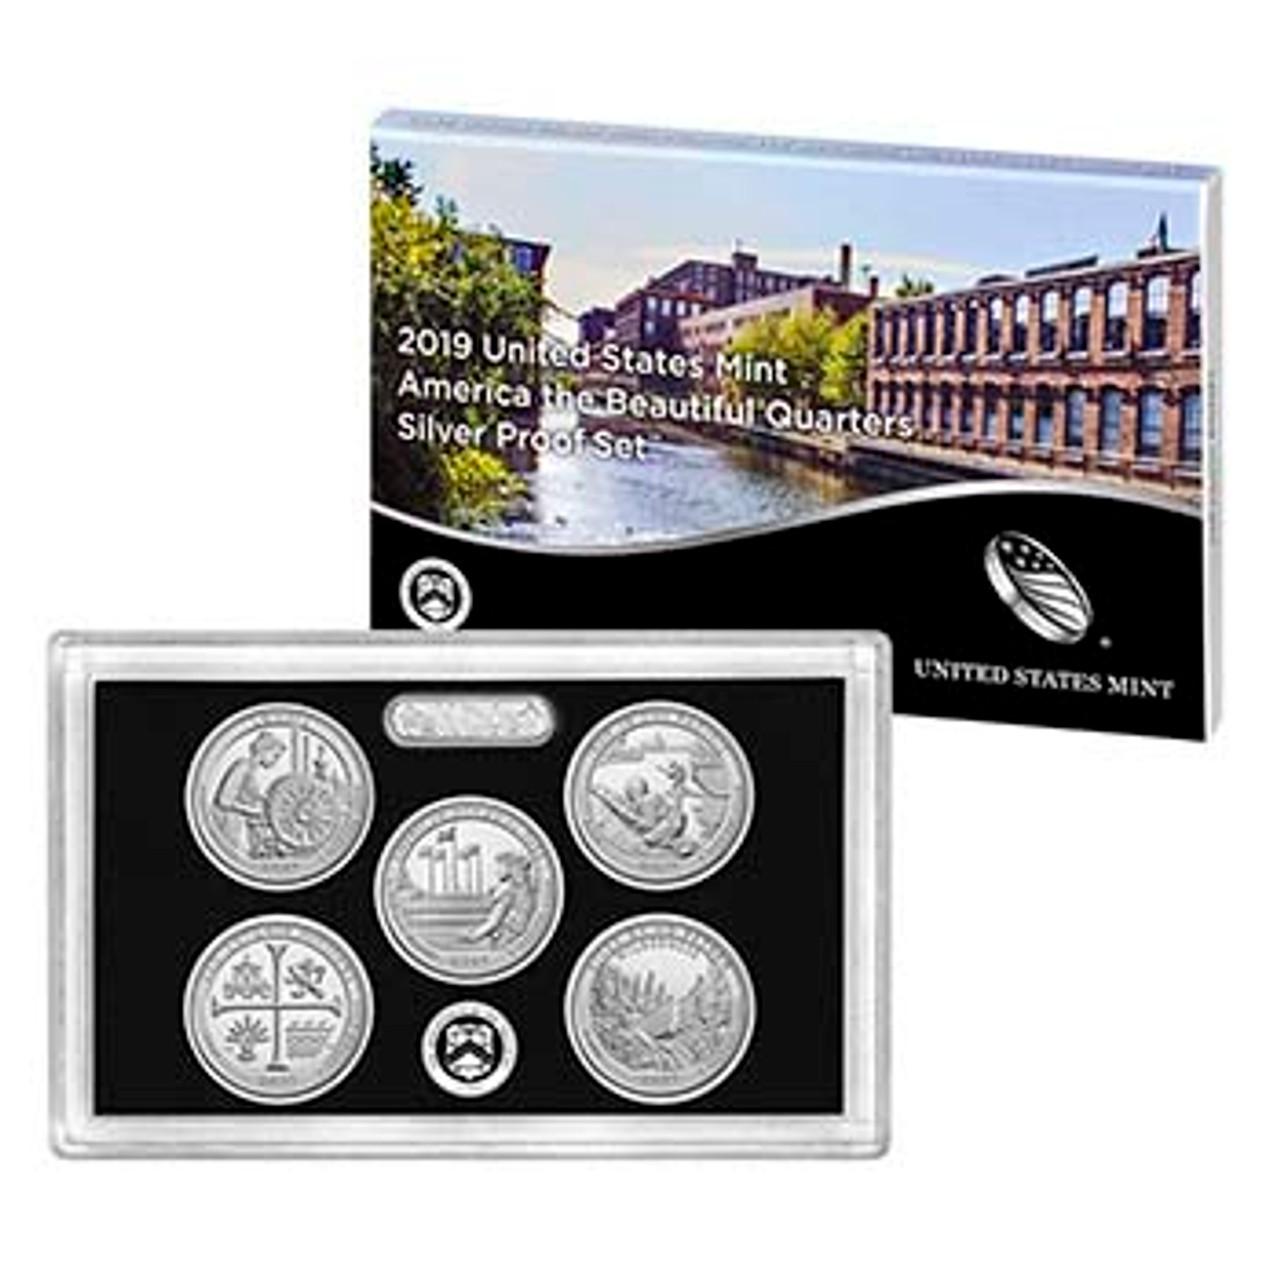 2019 National Parks Silver Quarter Proof Set 5 Coins Image 1